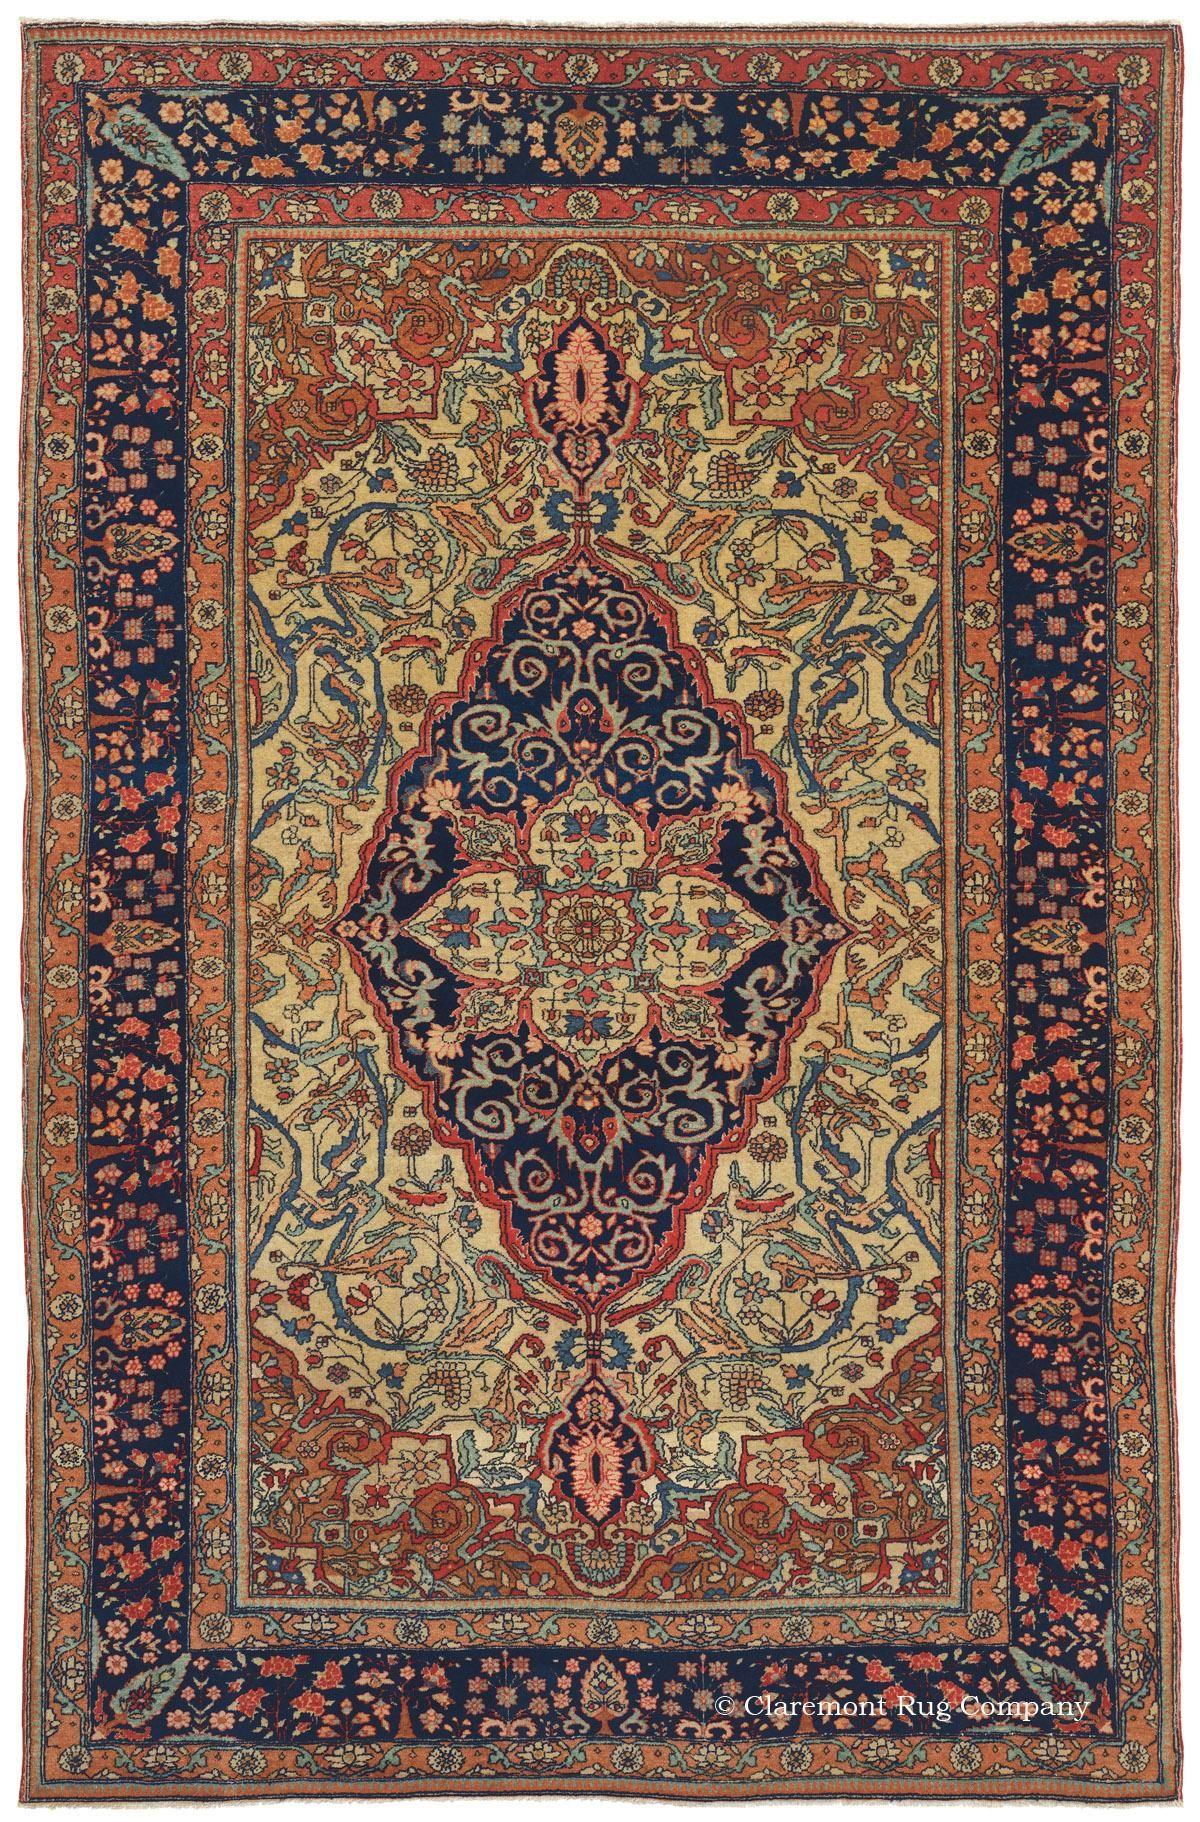 Pin By Luiz Alberto On Xalia In 2020 Carpet Handmade Kashan Rug Antique Oriental Rugs